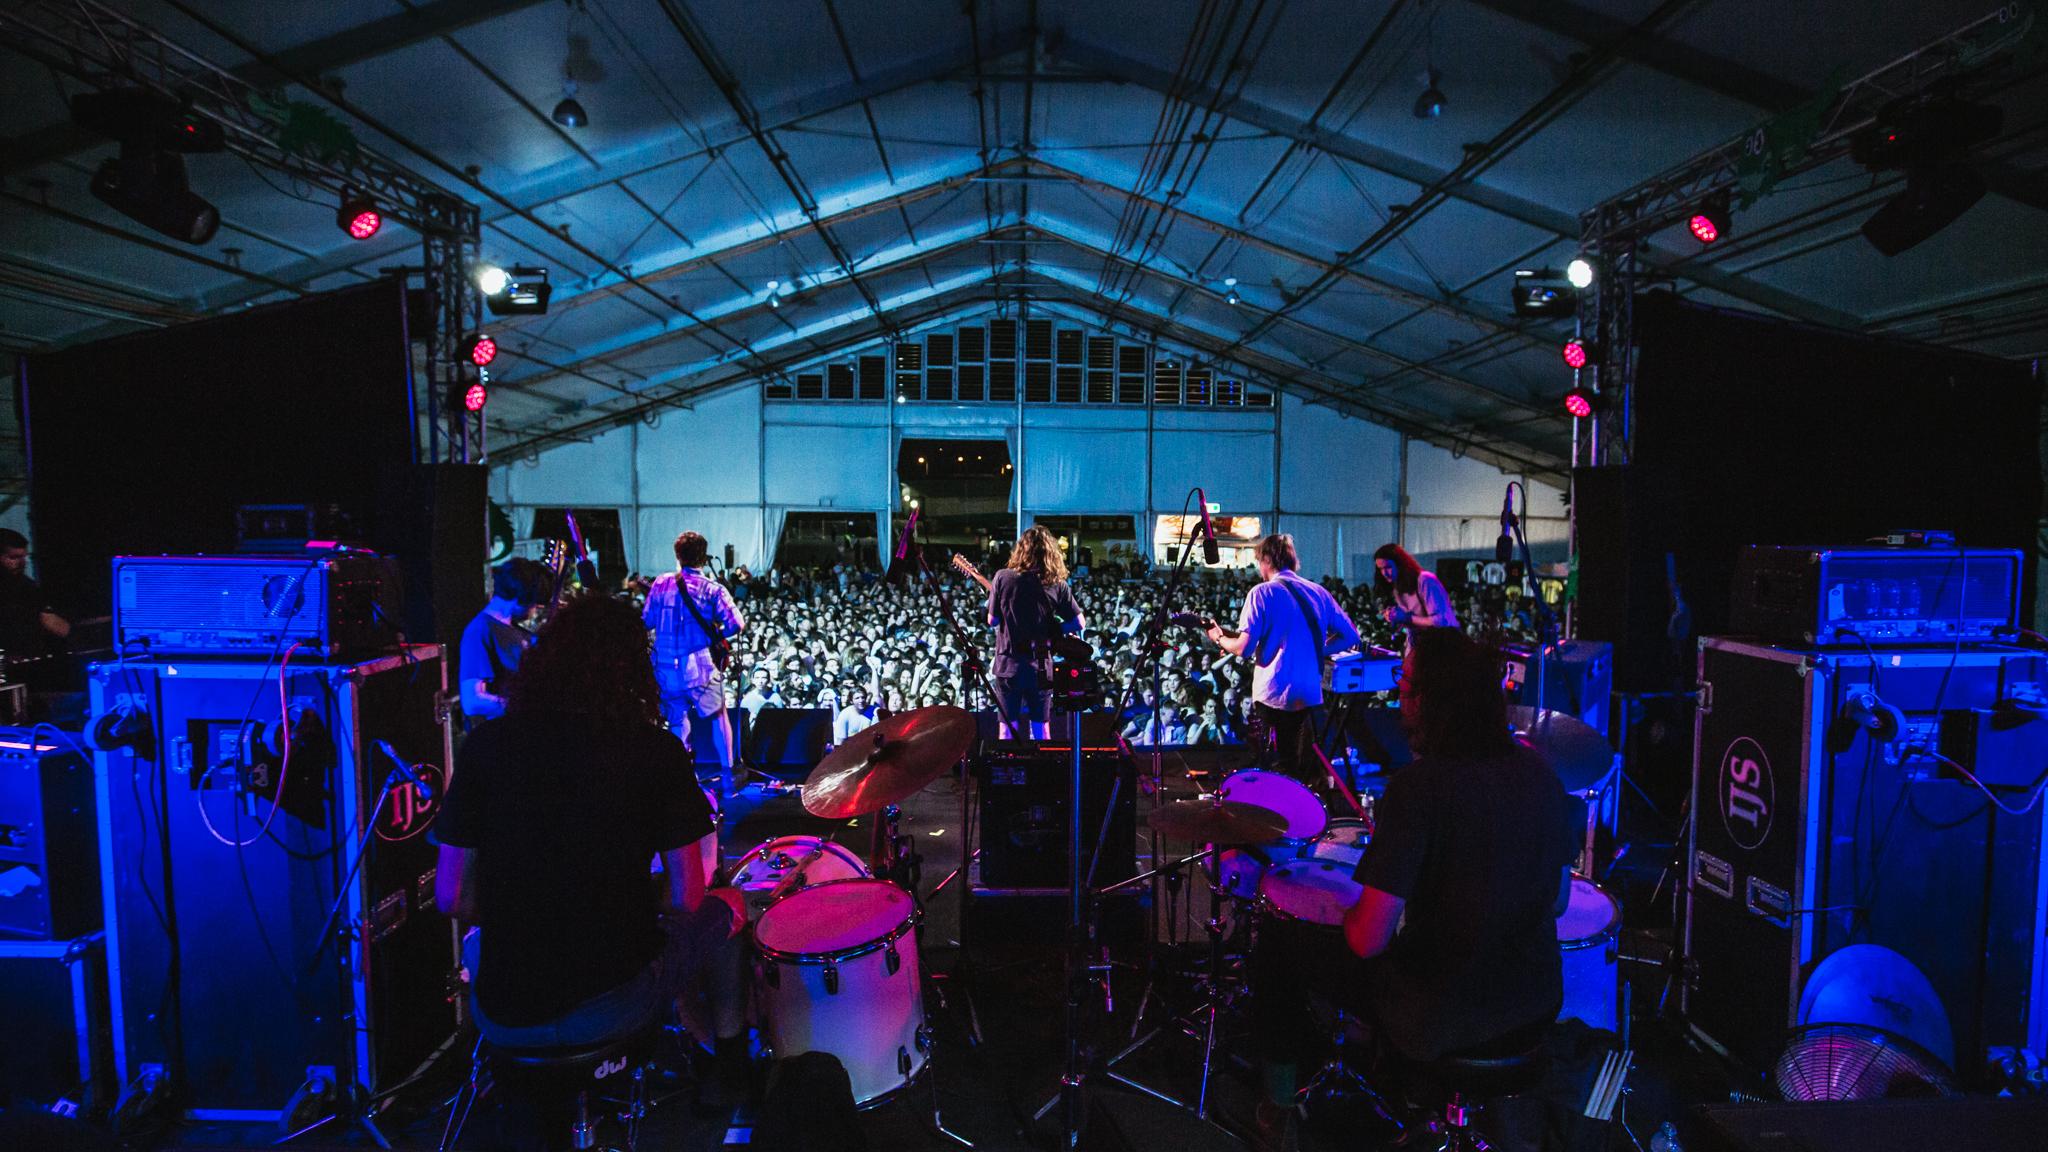 Mitch Lowe Photo - Gizzfest 2016 - King Gizzard & The Lizard Wizard-2154.jpg